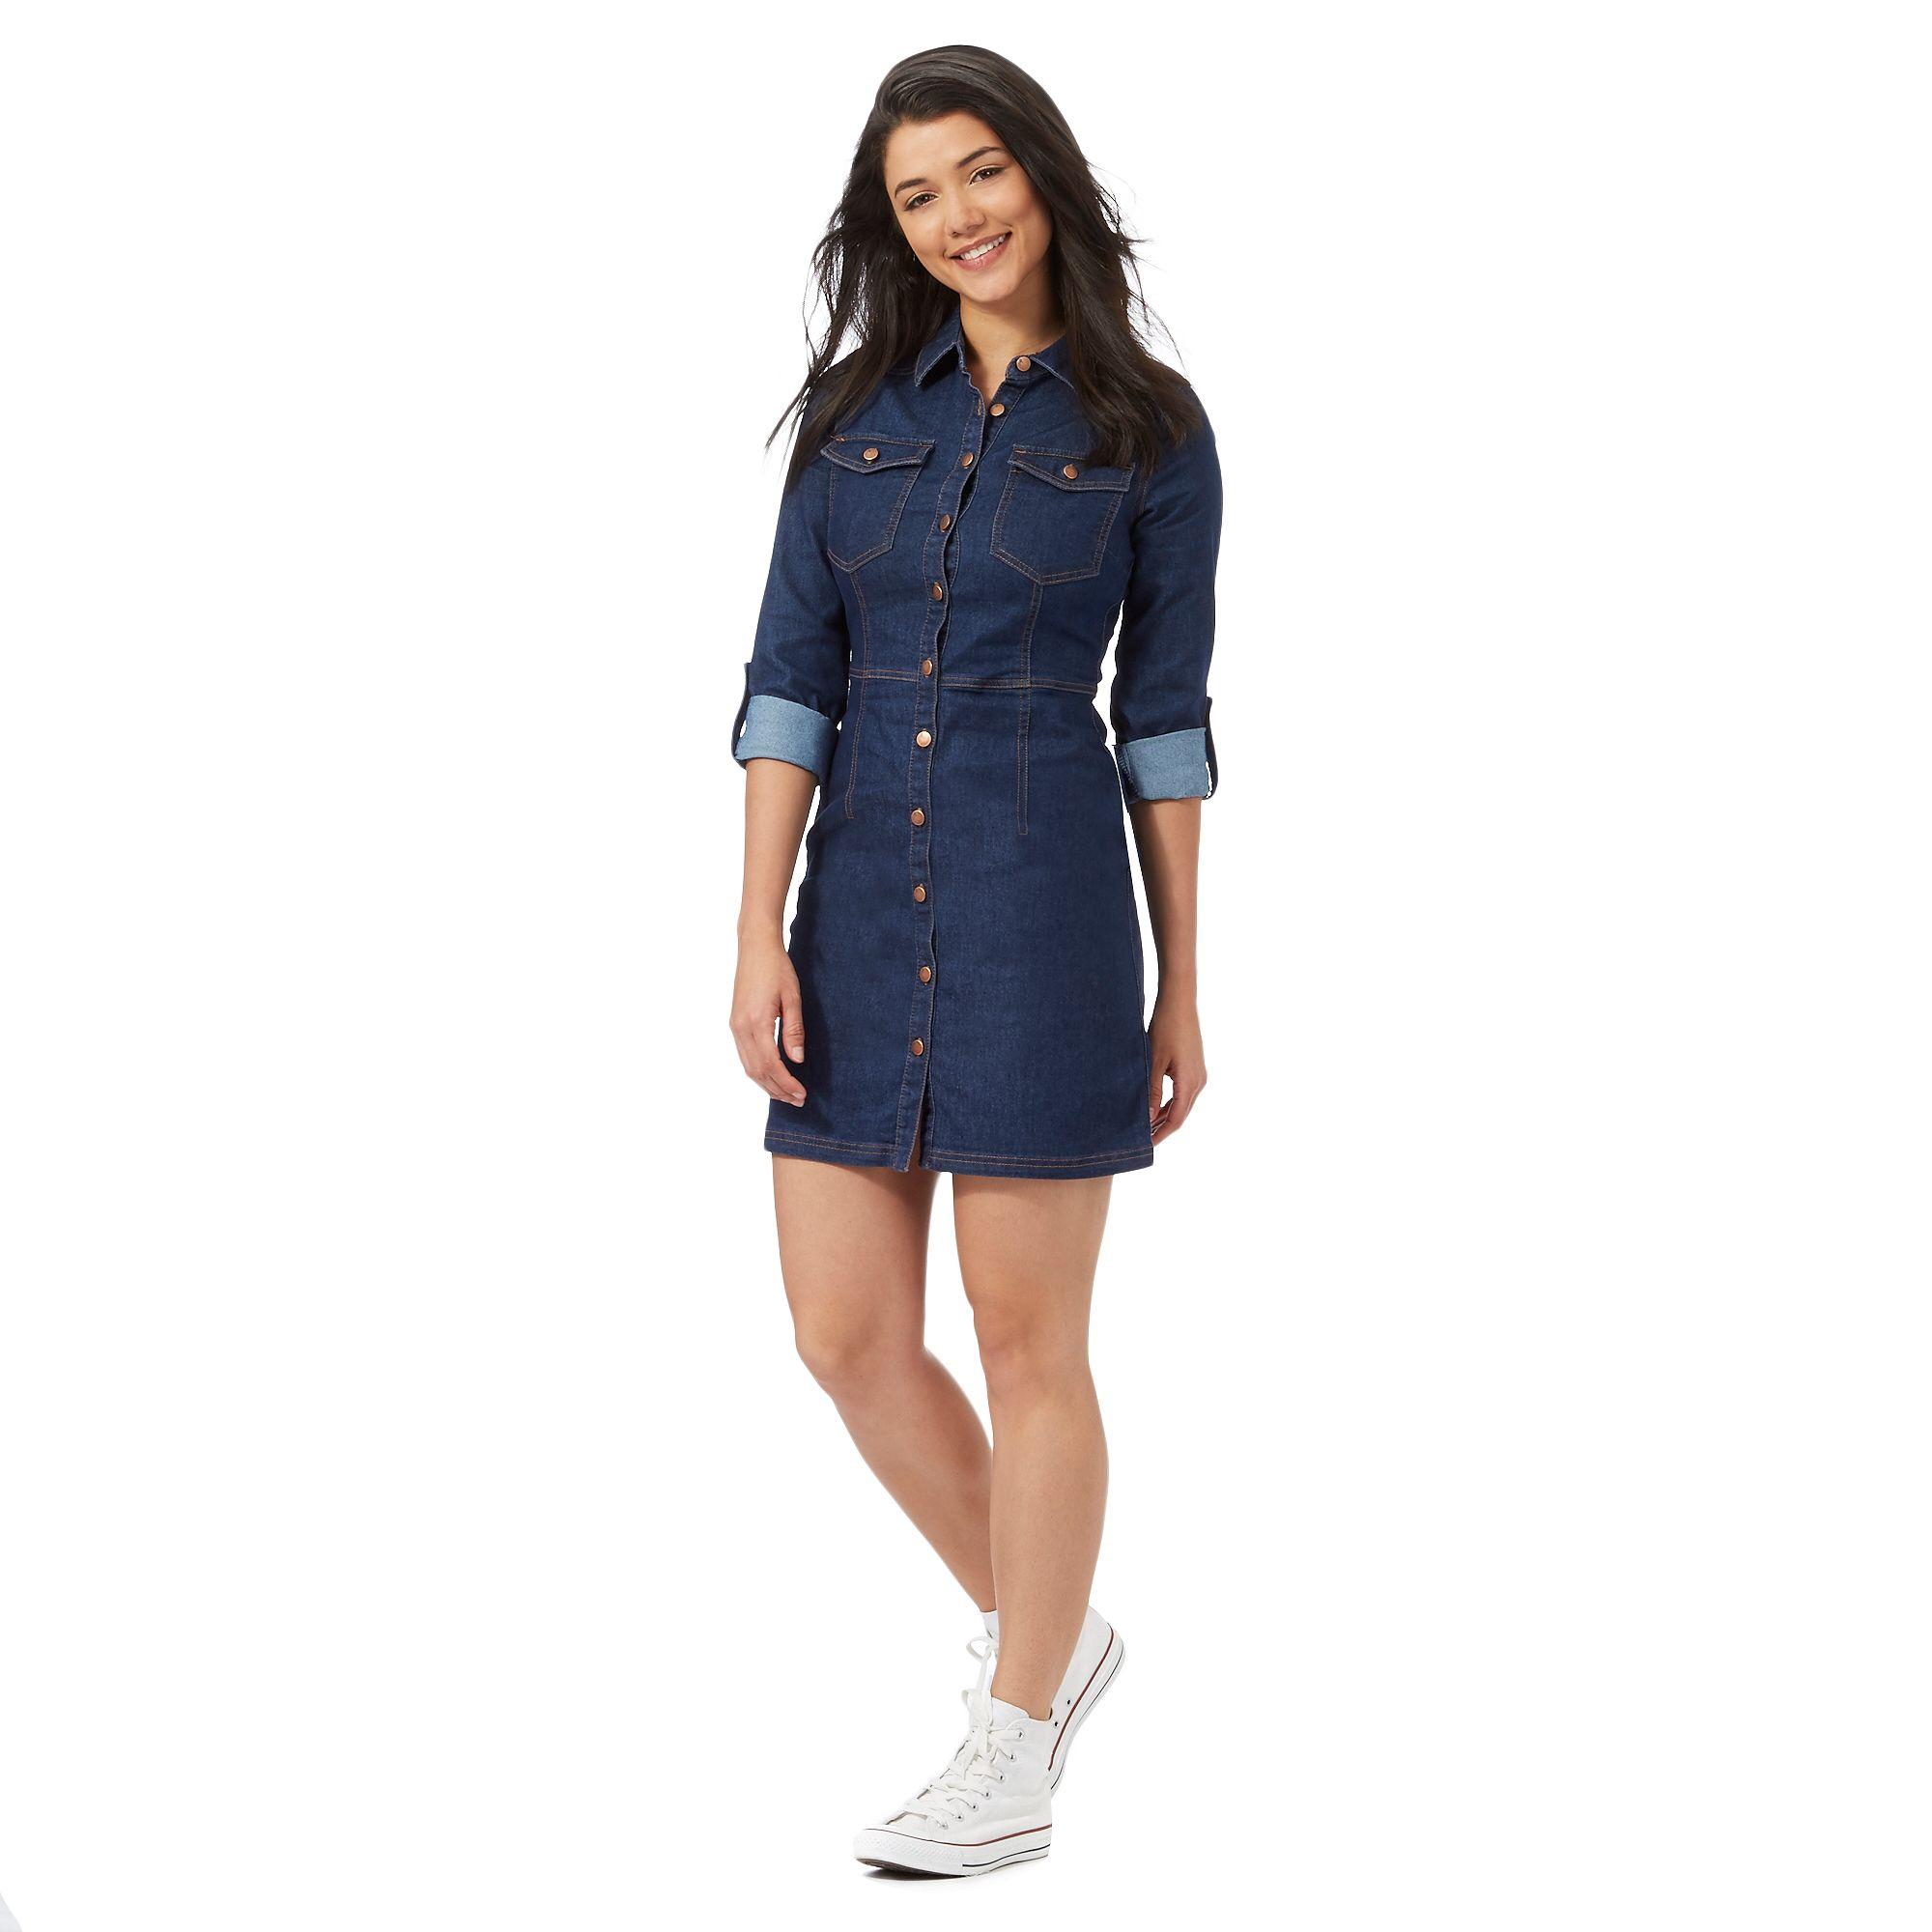 red herring petite womens blue denim shirt dress from